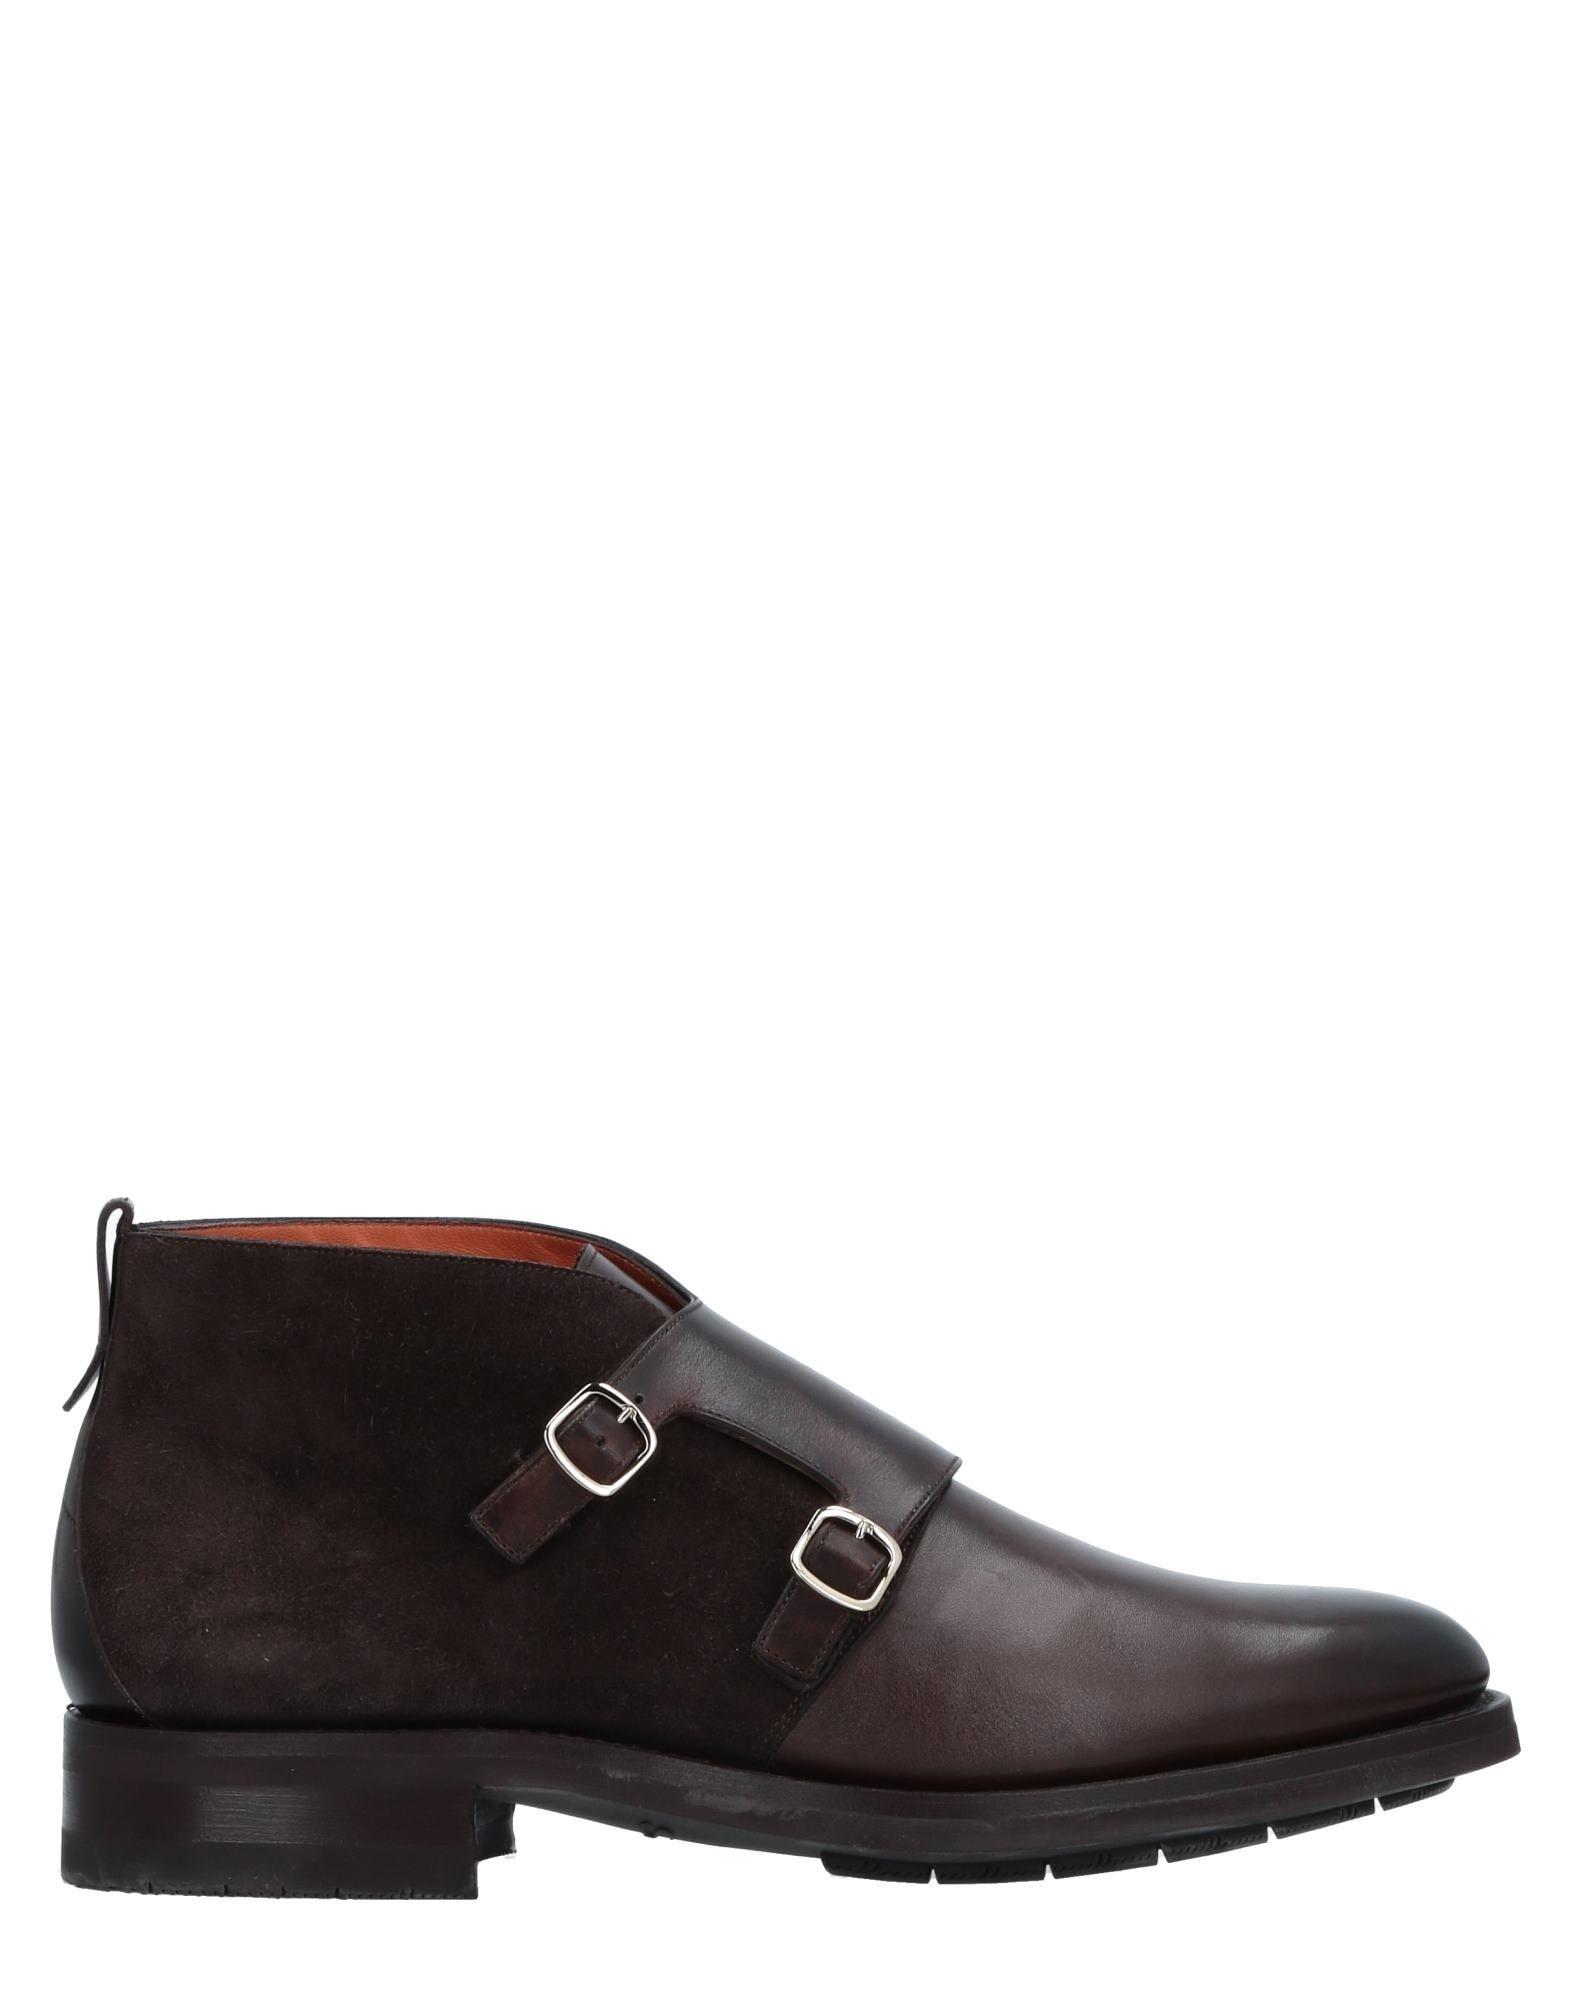 Santoni Stiefelette Herren  11519578HF Gute Qualität beliebte Schuhe